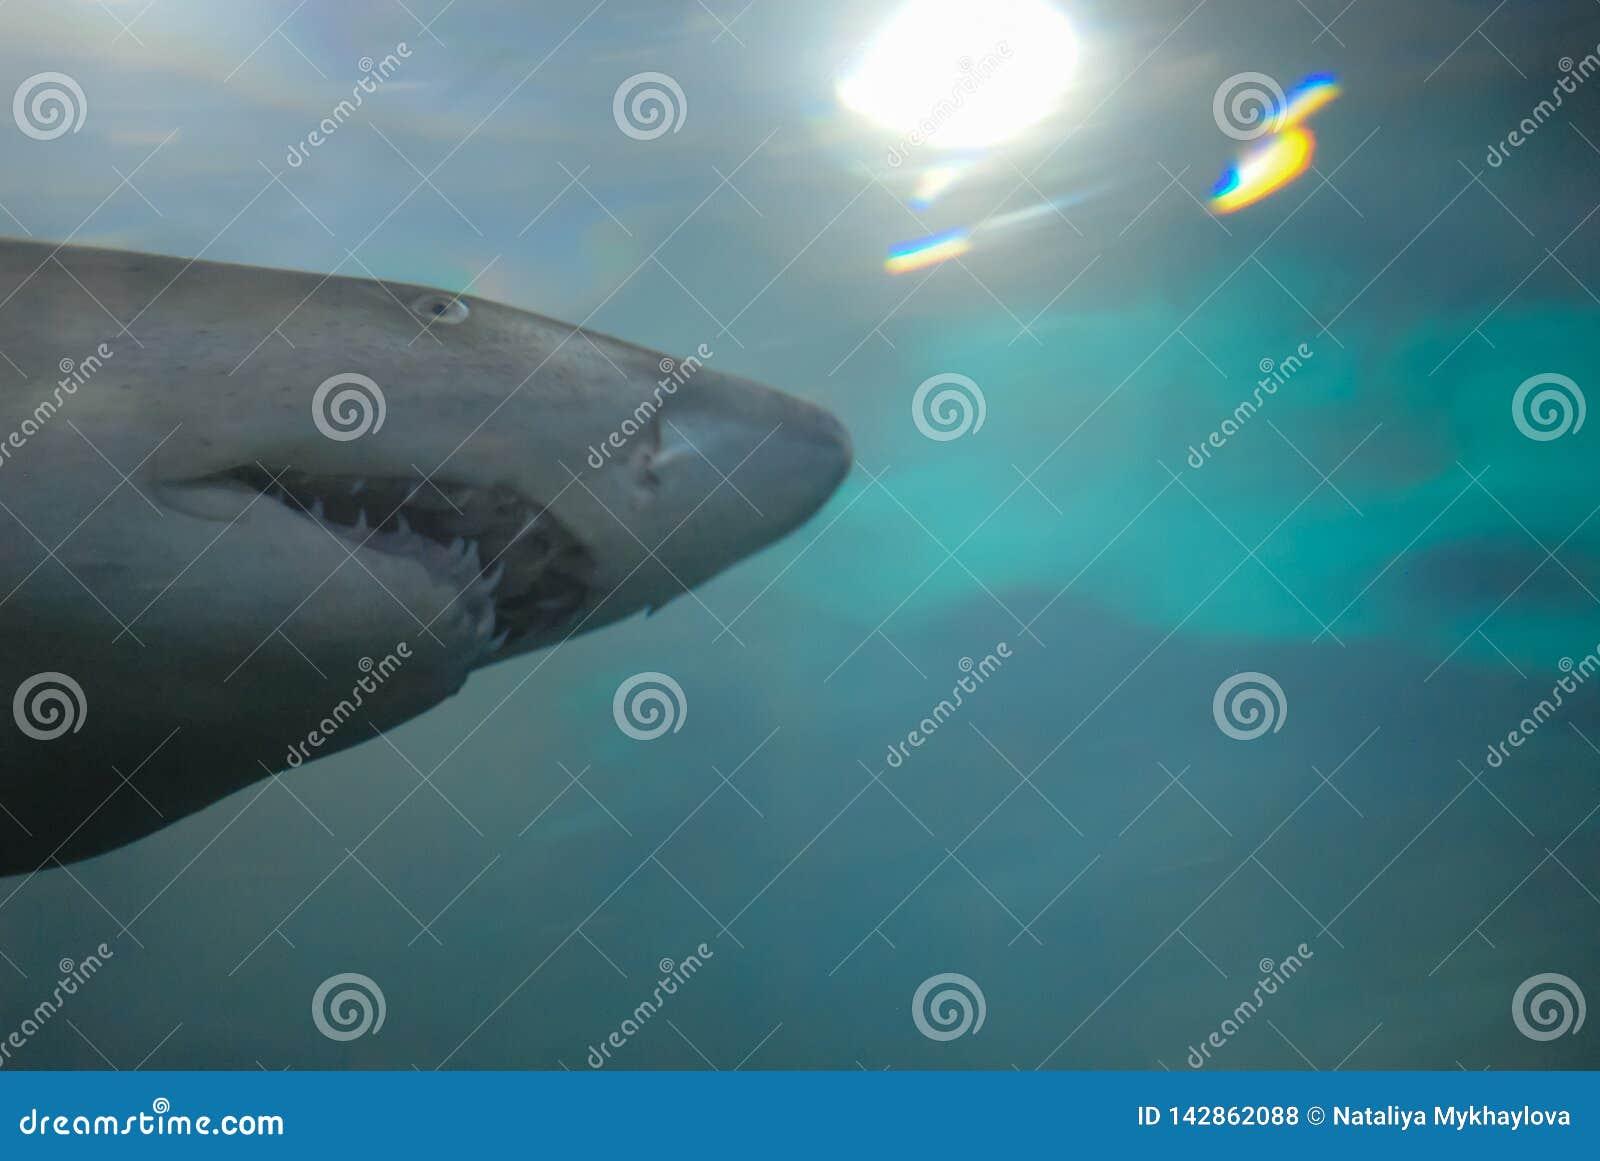 смешная акула от фото oceanarium с космосом для текста